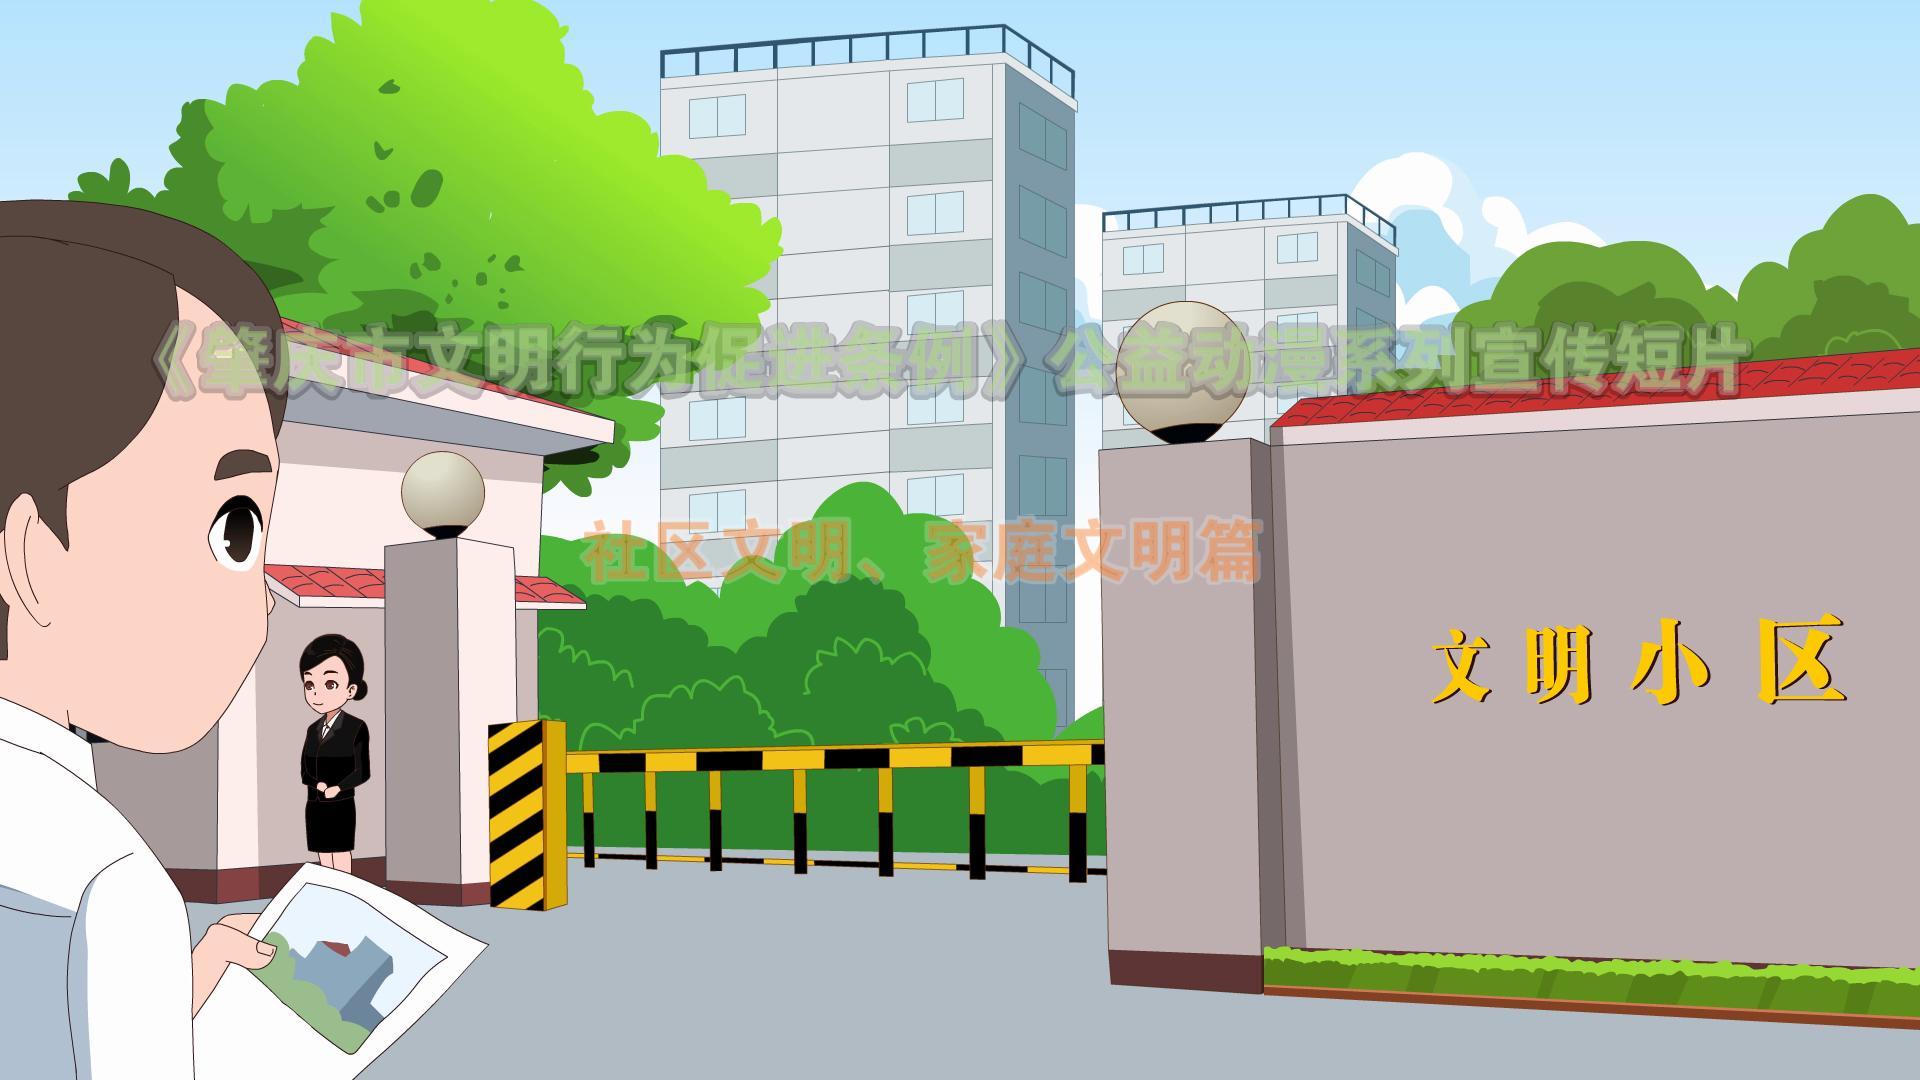 《肇庆市文明行为促进条例》公益动漫系列宣传短片——社区文明、家庭文明篇